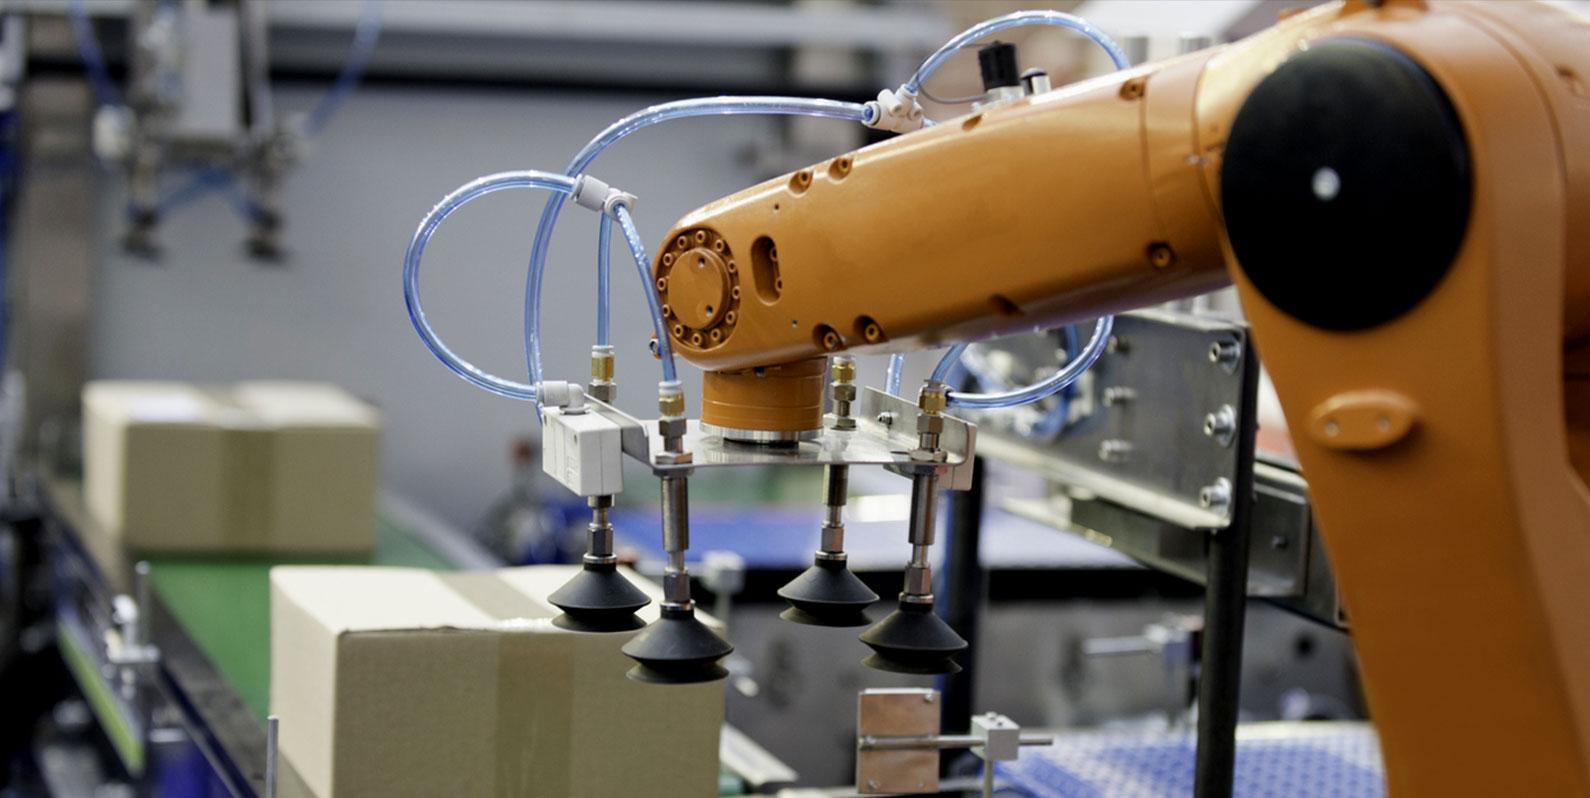 Uma nova geração de robôs com Inteligência Artificial (IA) está assumindo o controle dos armazéns